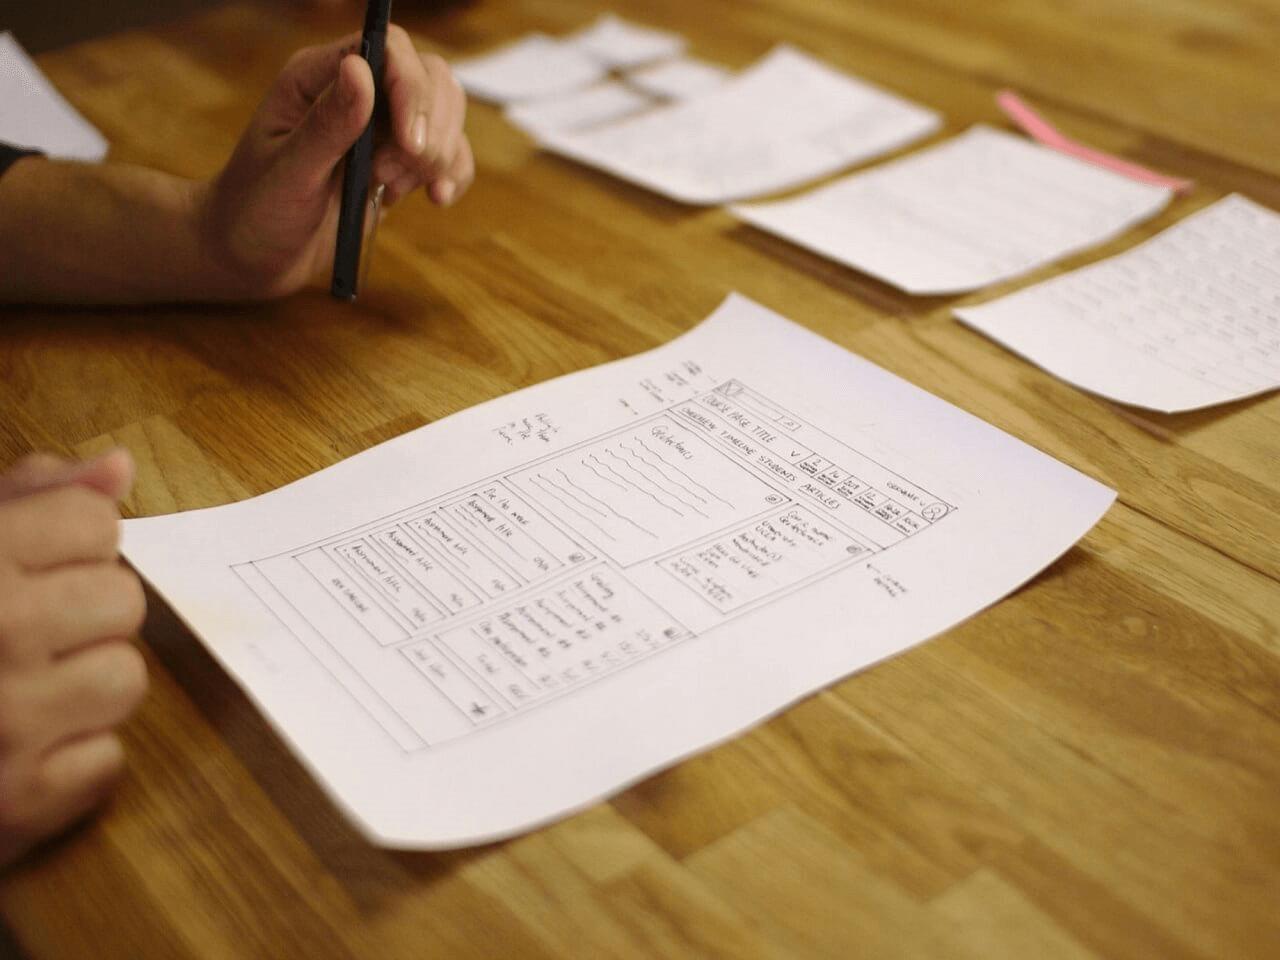 Endonezya Avustralya'ya Karşı DTÖ'deki Kağıt Panelini Kazandı